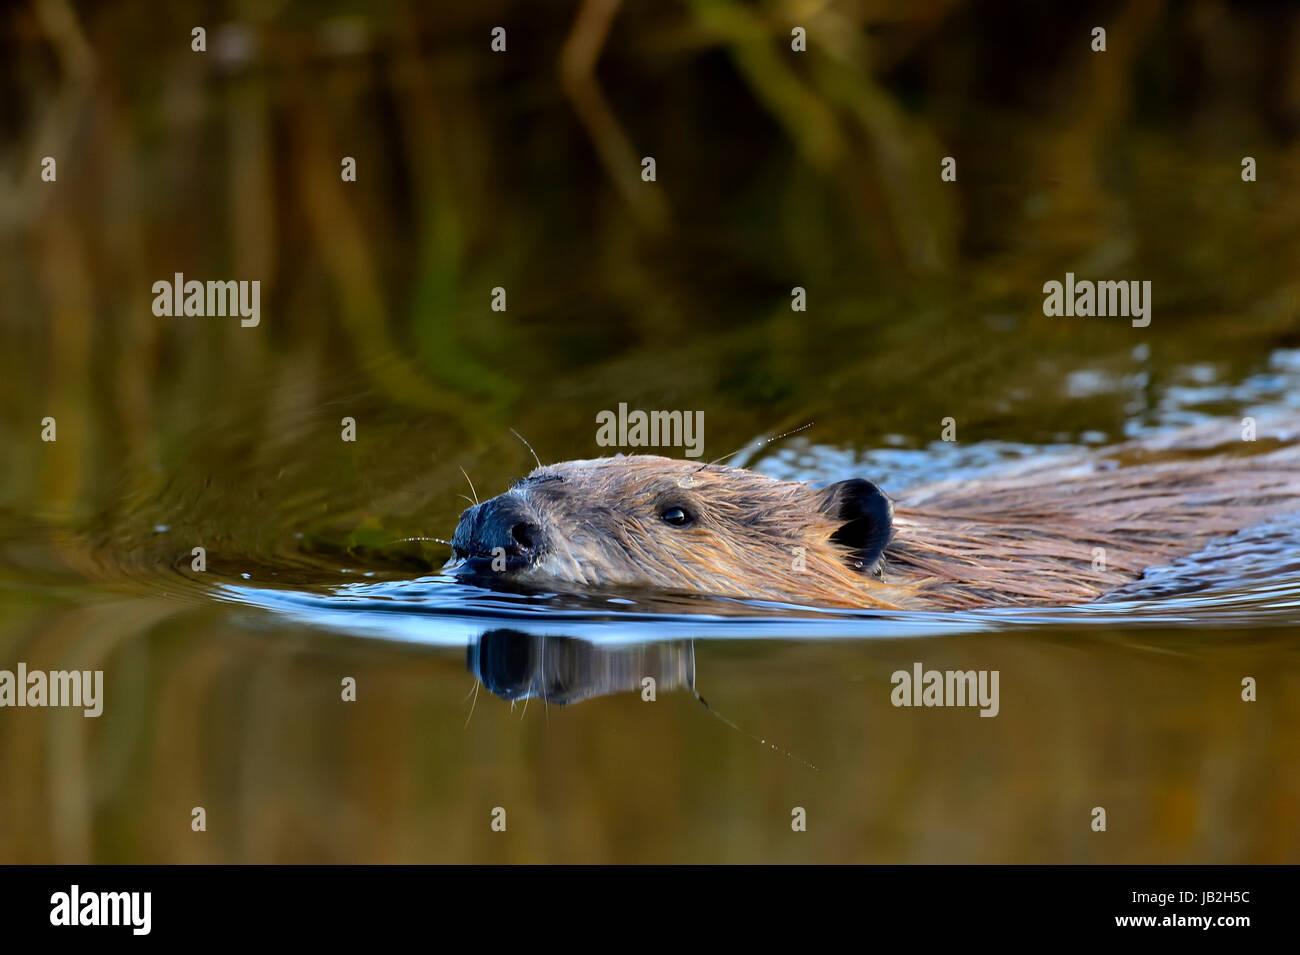 Un gros plan d'une nature sauvage inage castor (Castor canadensis) nager à travers l'eau calme de son Photo Stock